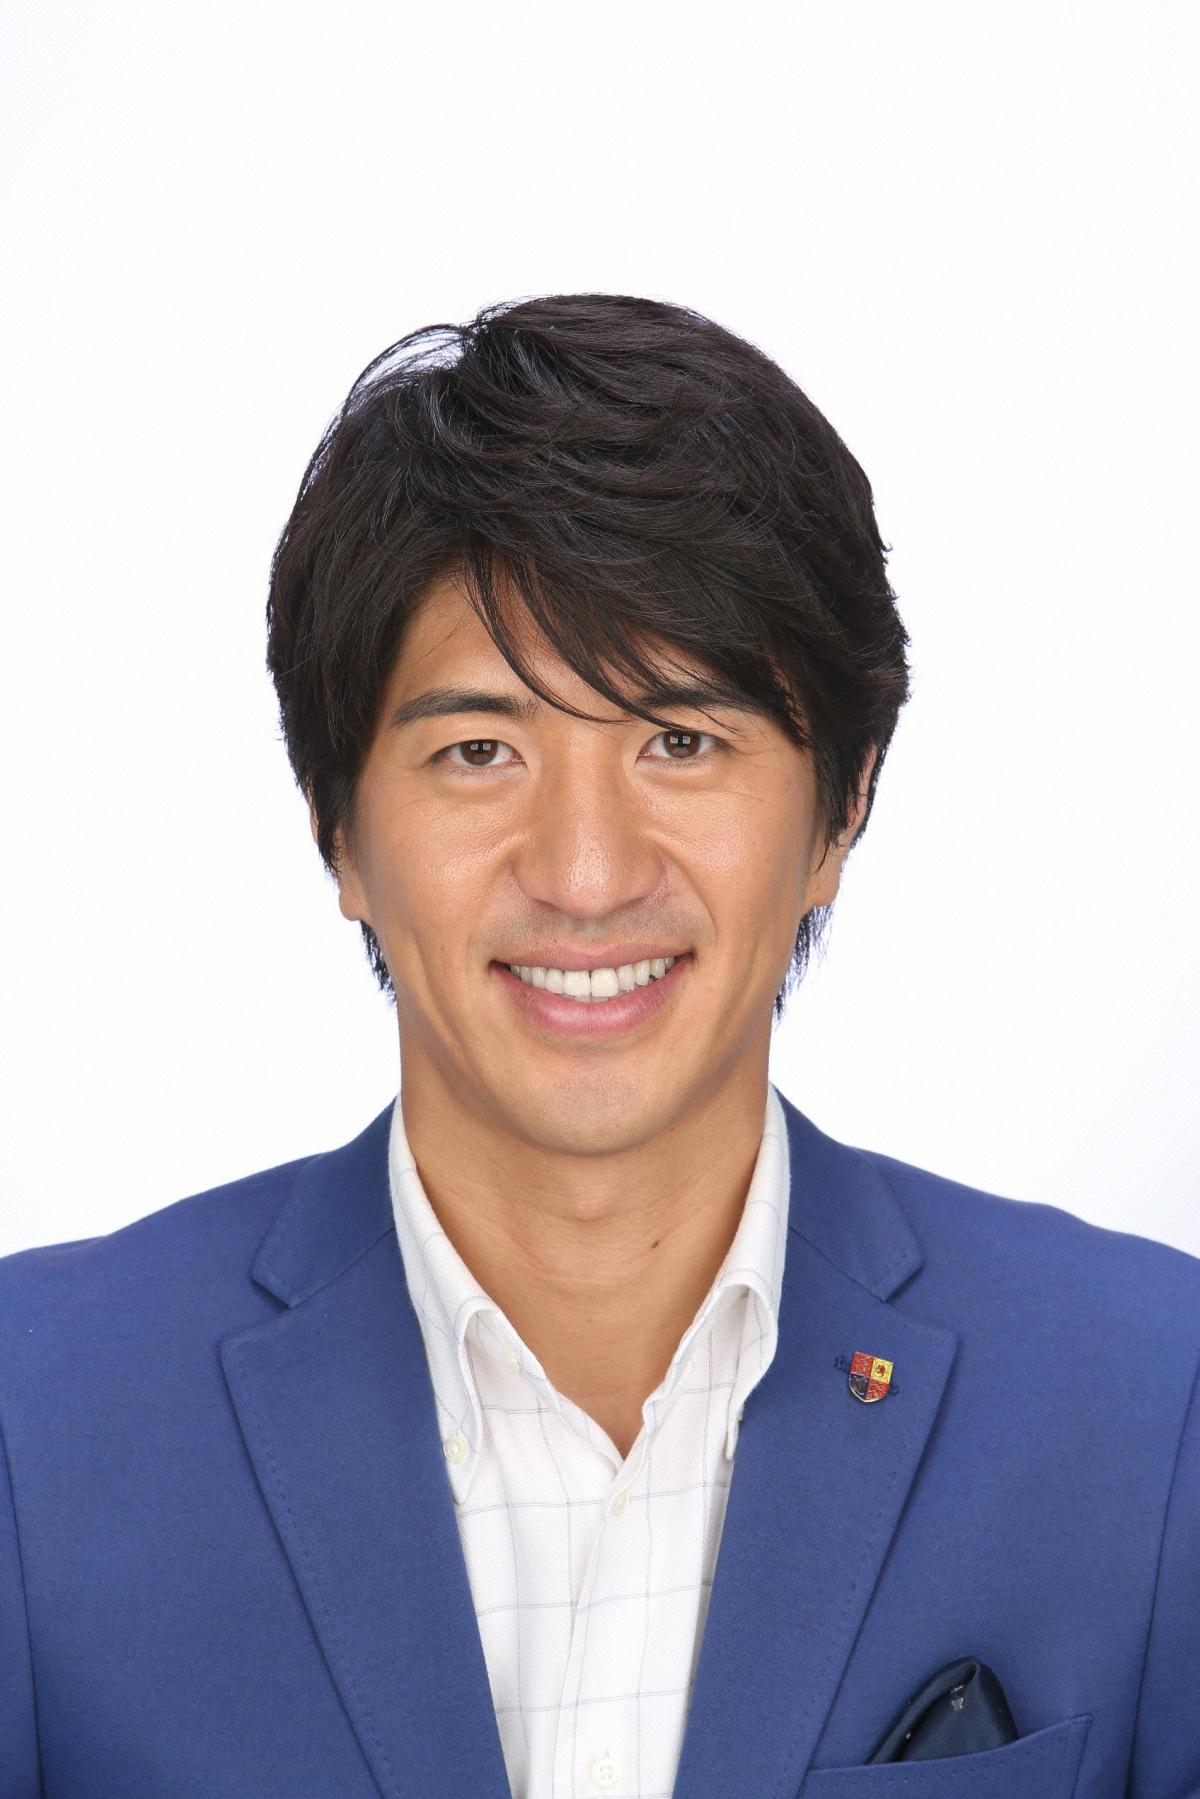 アナウンサー 田中 フジ 大貴 元 テレビ